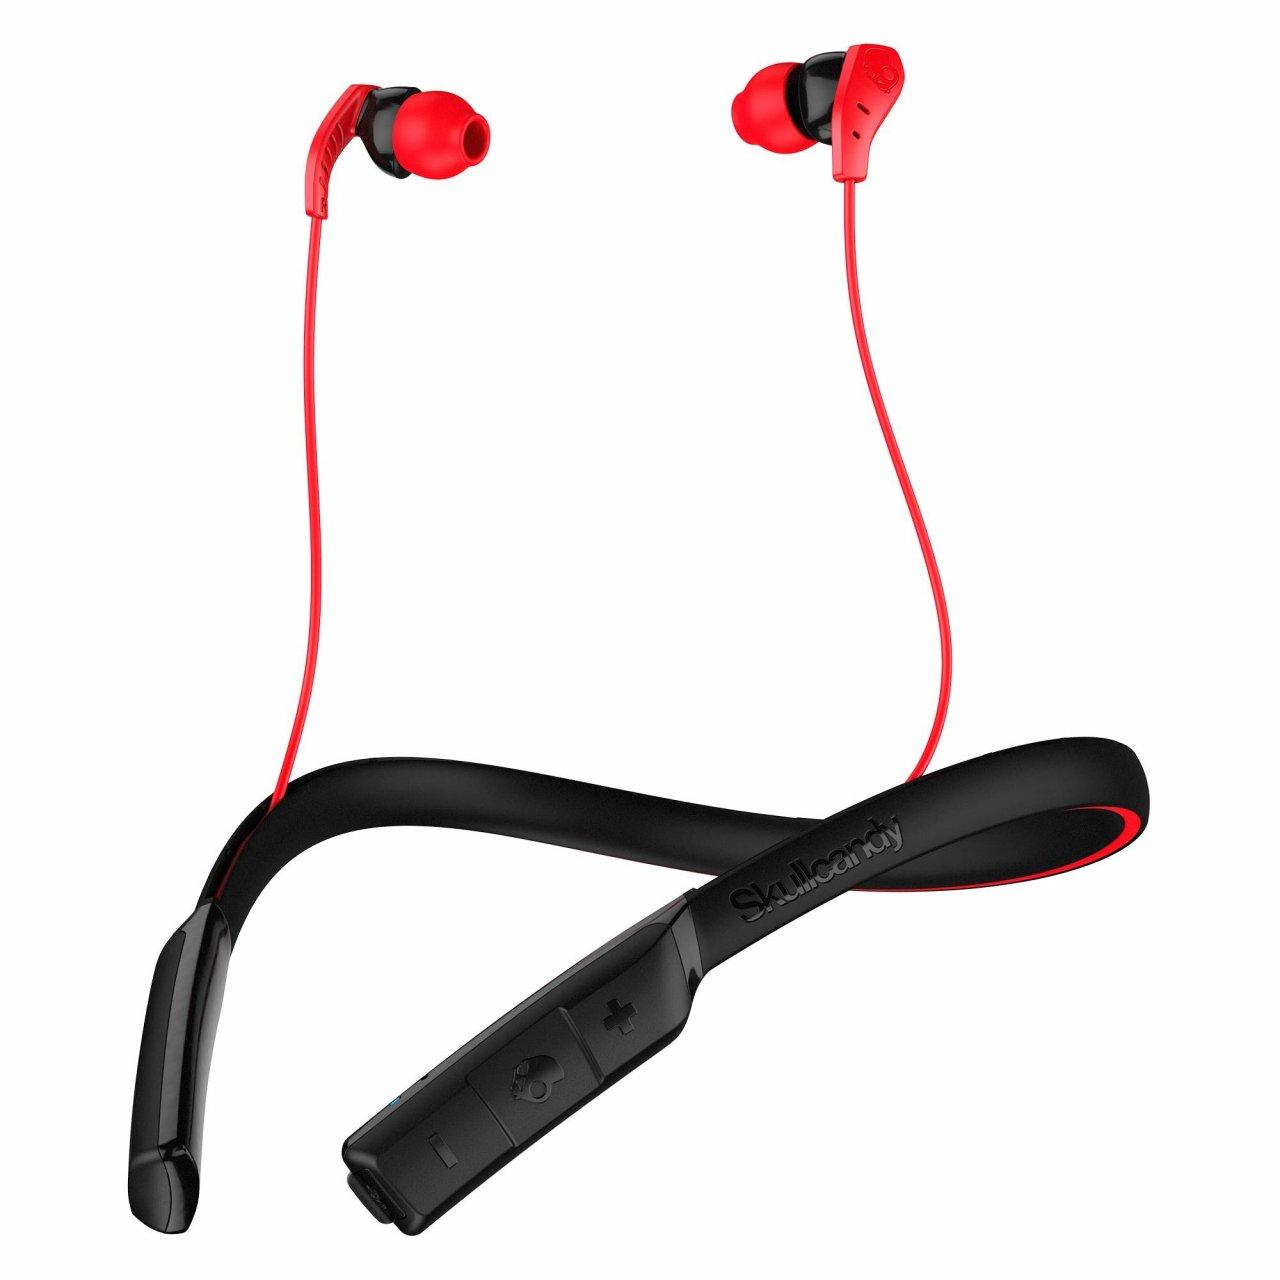 bluetooth earbuds for running method wireless skullcandy rh skullcandy com Apple Headphone Jack Wiring Diagram Apple Headphone Jack Wiring Diagram